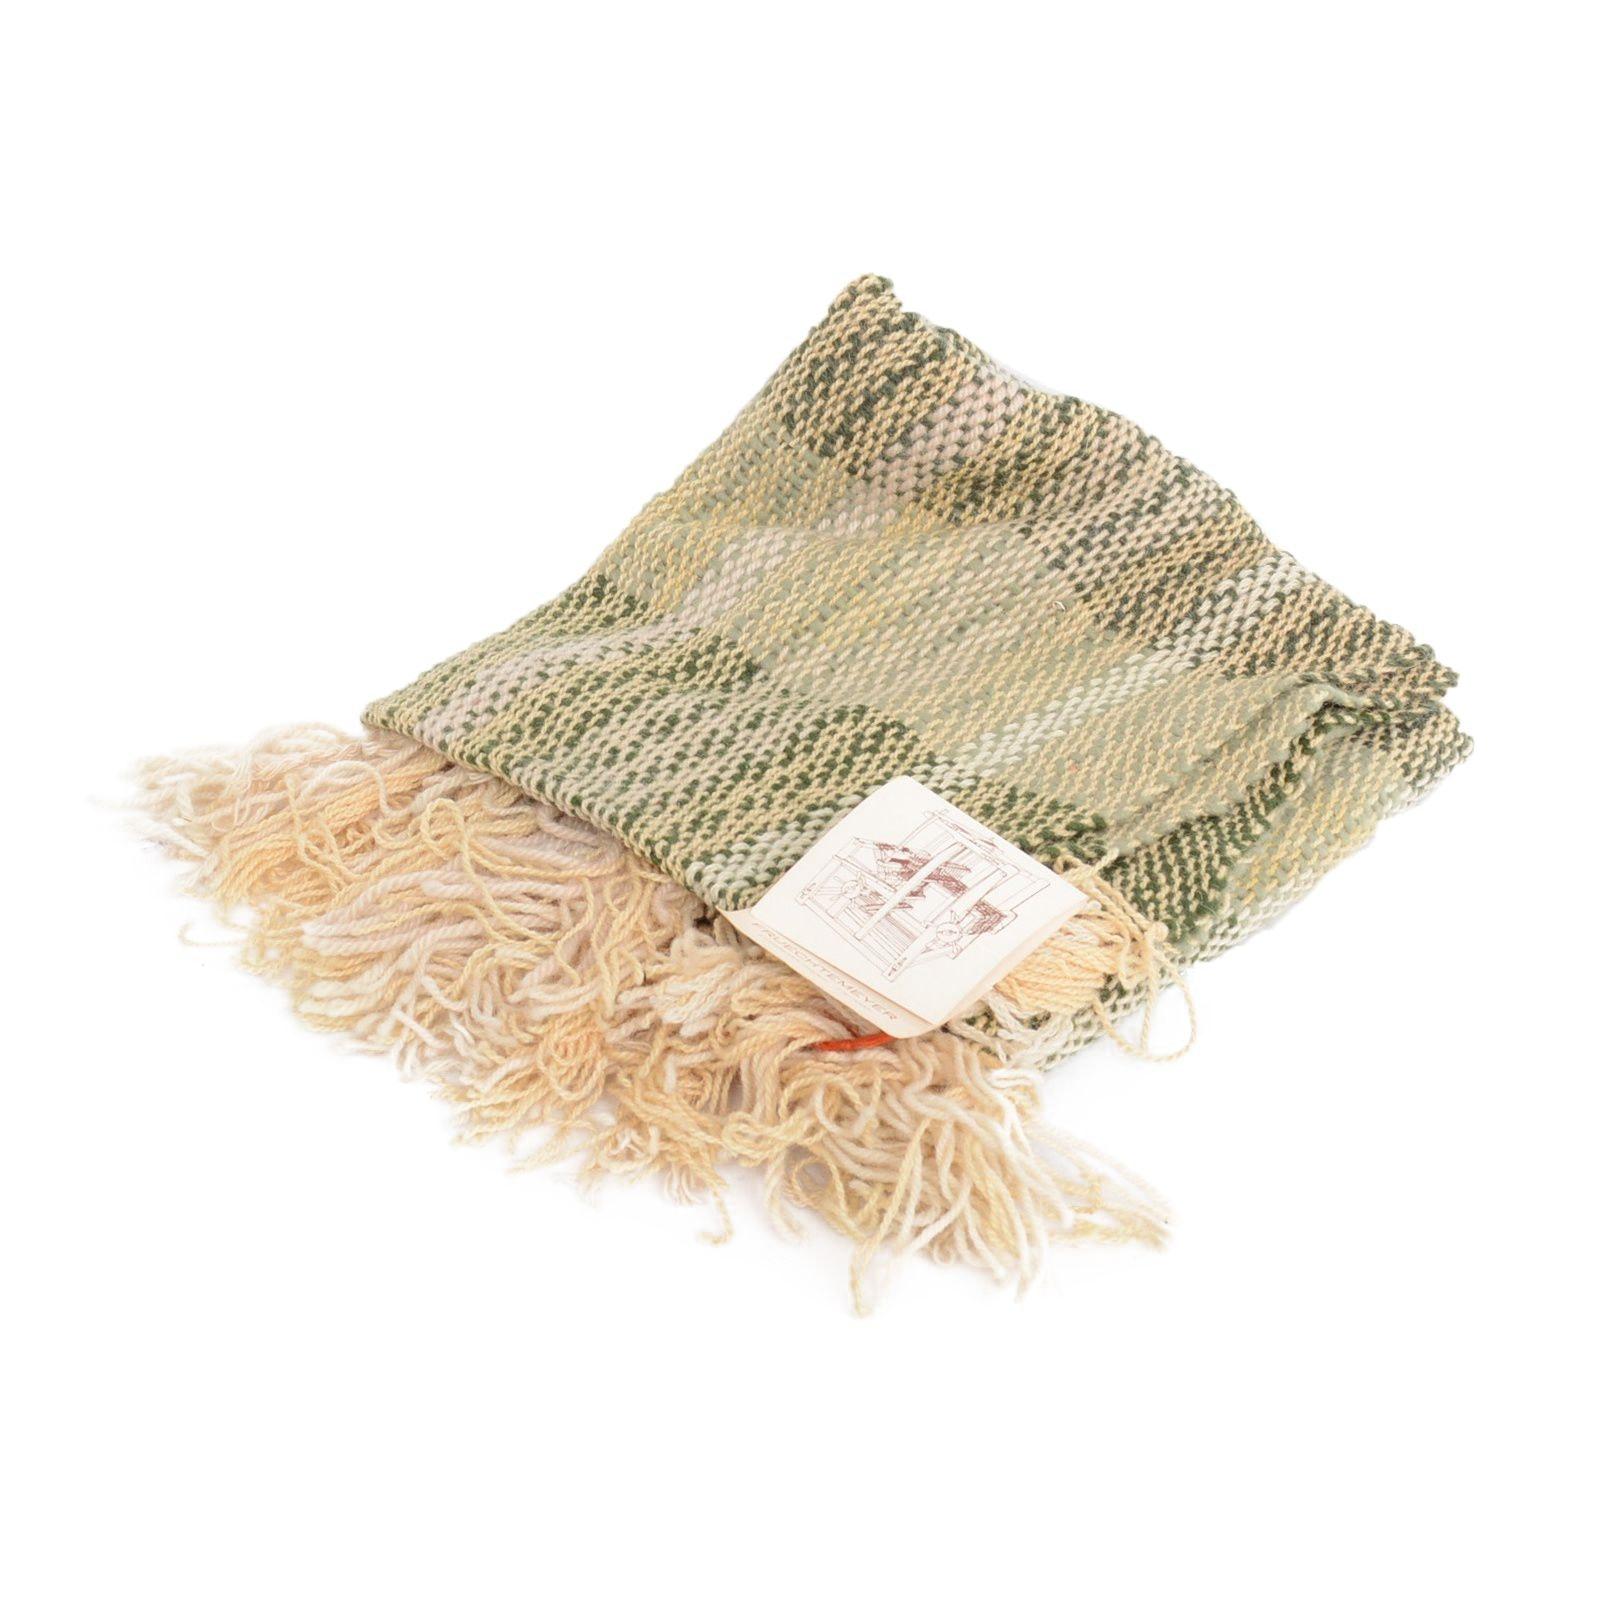 Handwoven Wool Fringed Shawl by Allen W. Fruechtemeyer